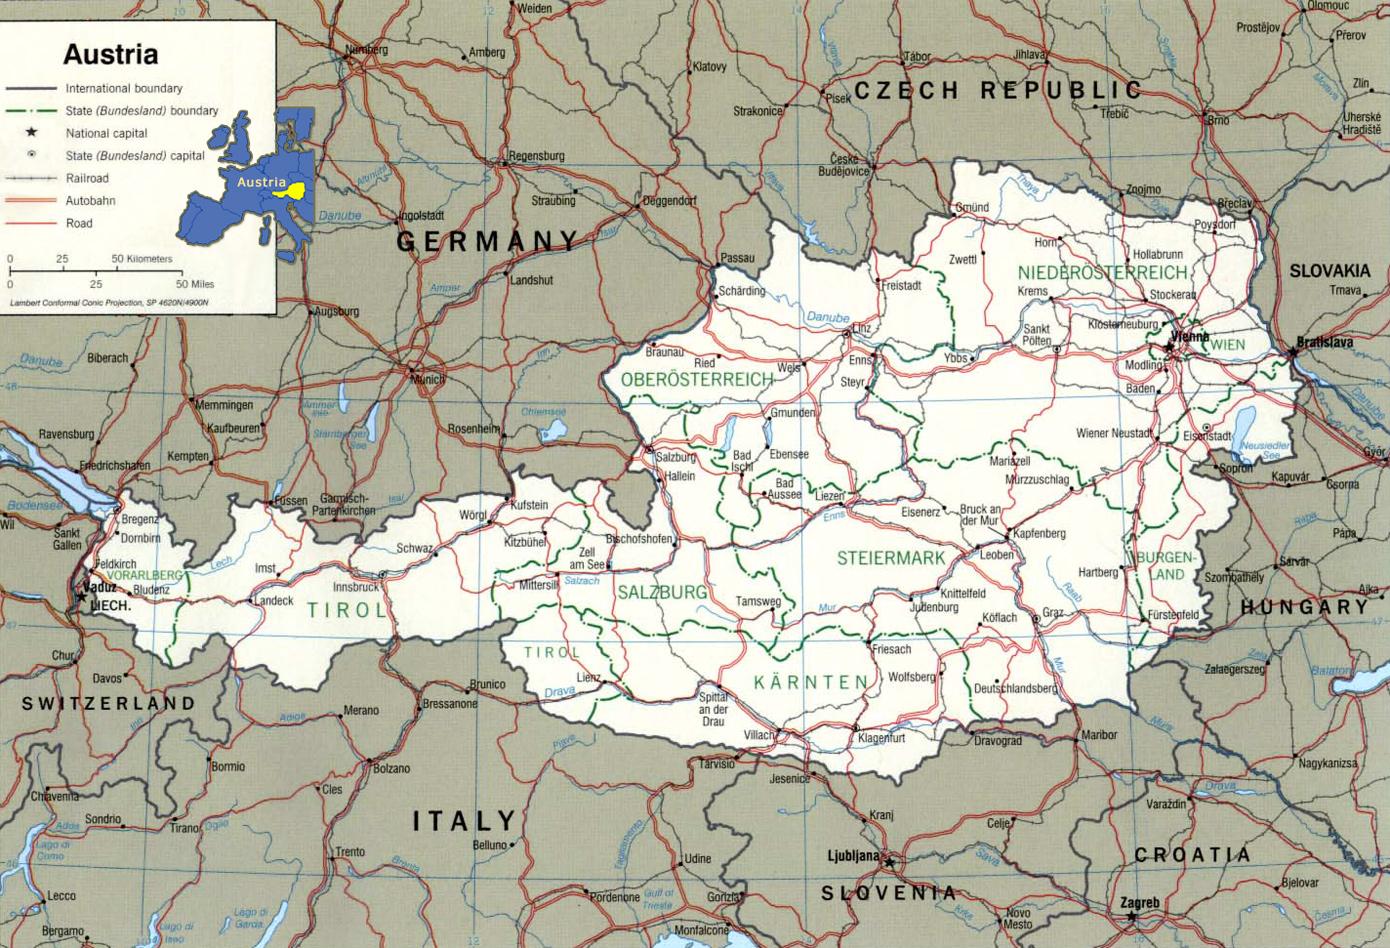 Austria - Austria map